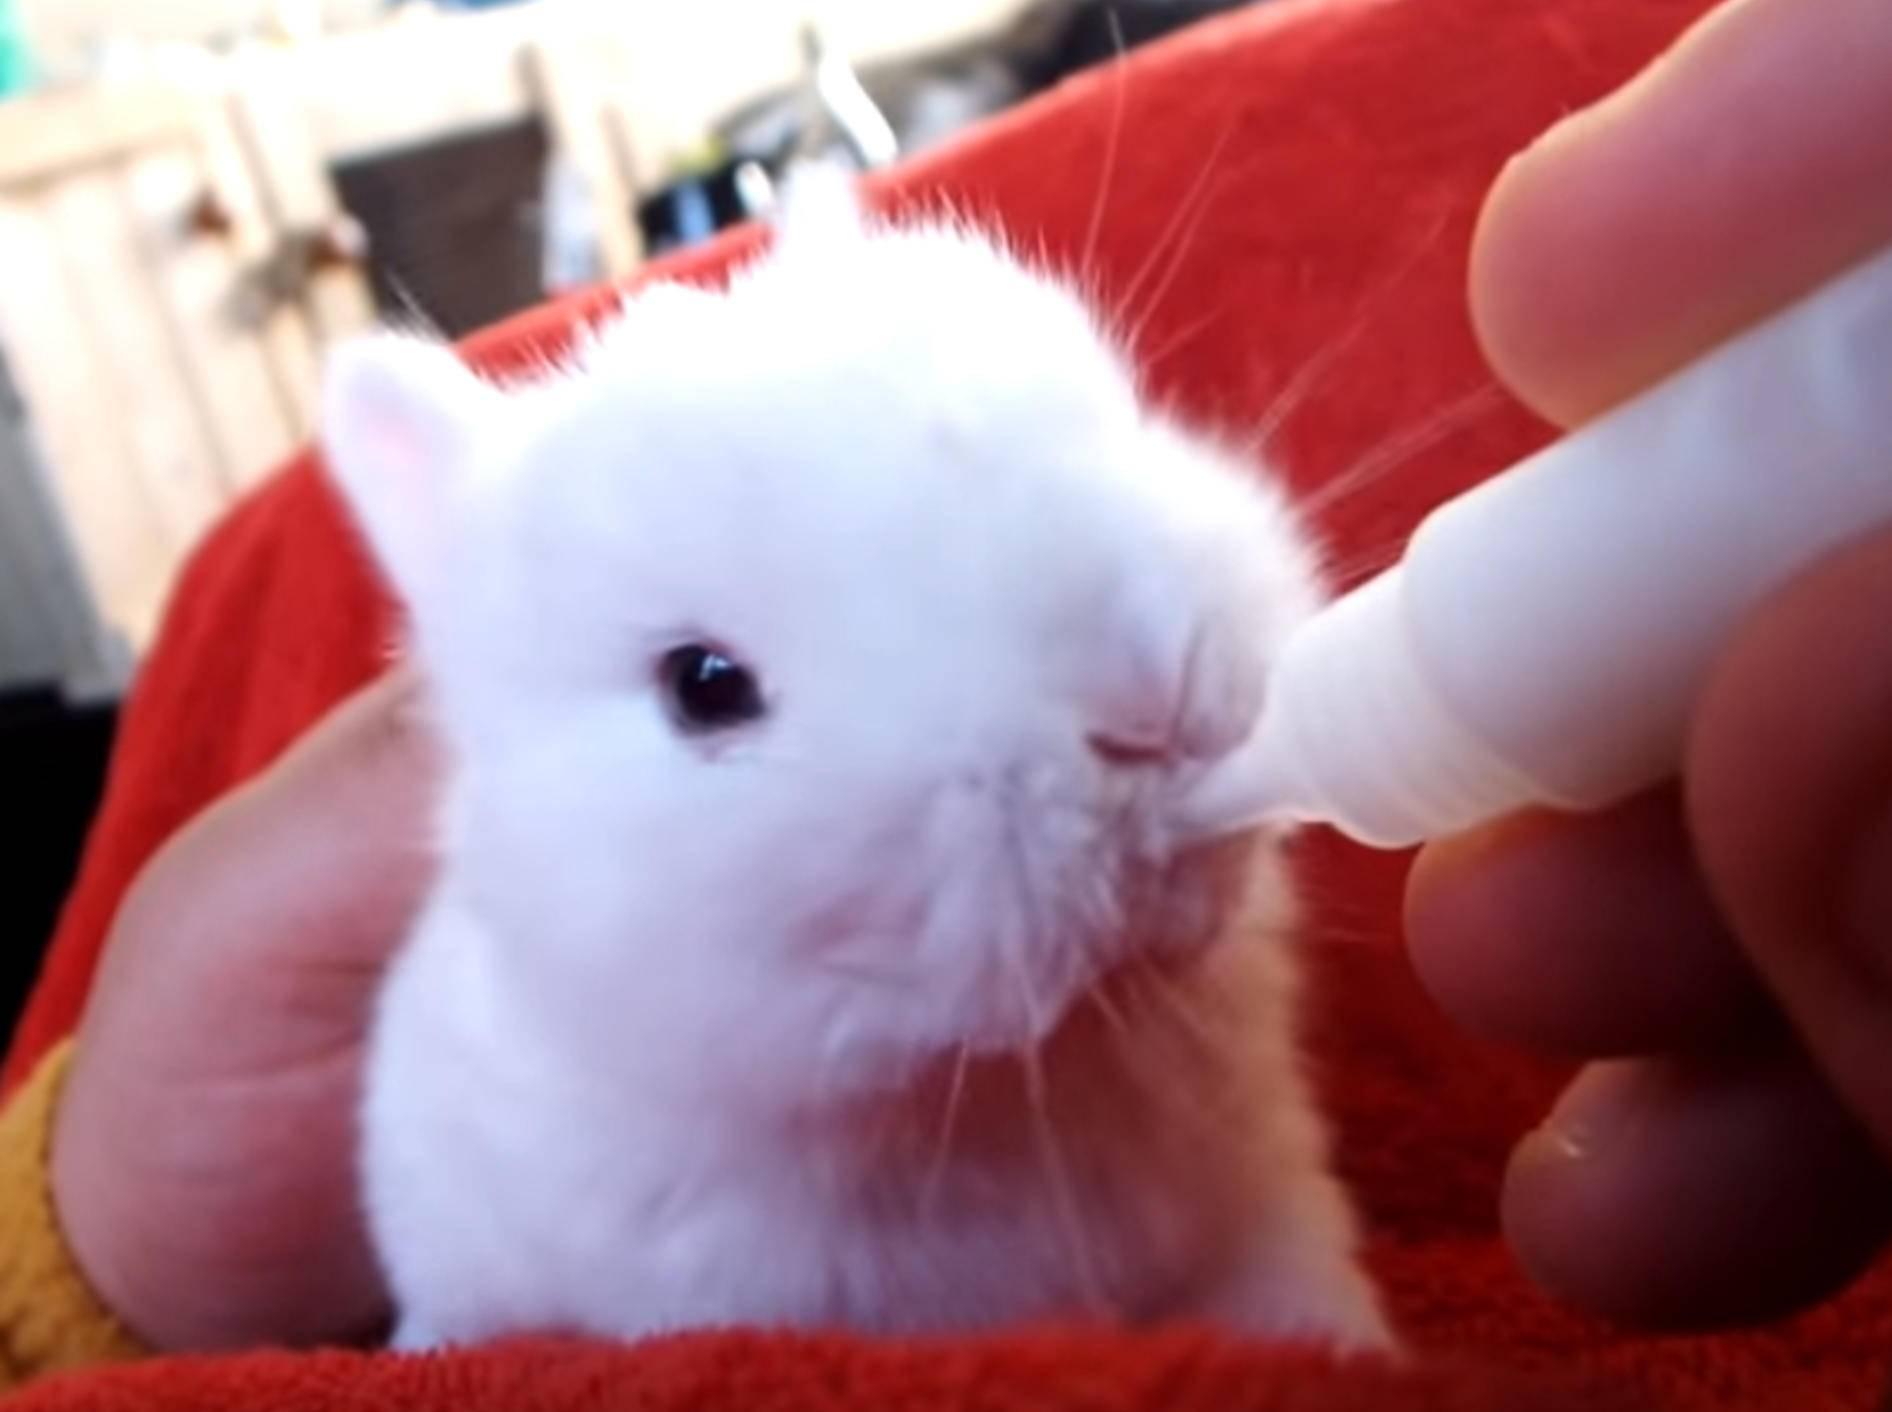 Futter fassen! Hasenbaby trinkt genüsslich aus Fläschchen – Bild: YouTube / NatBywaters23